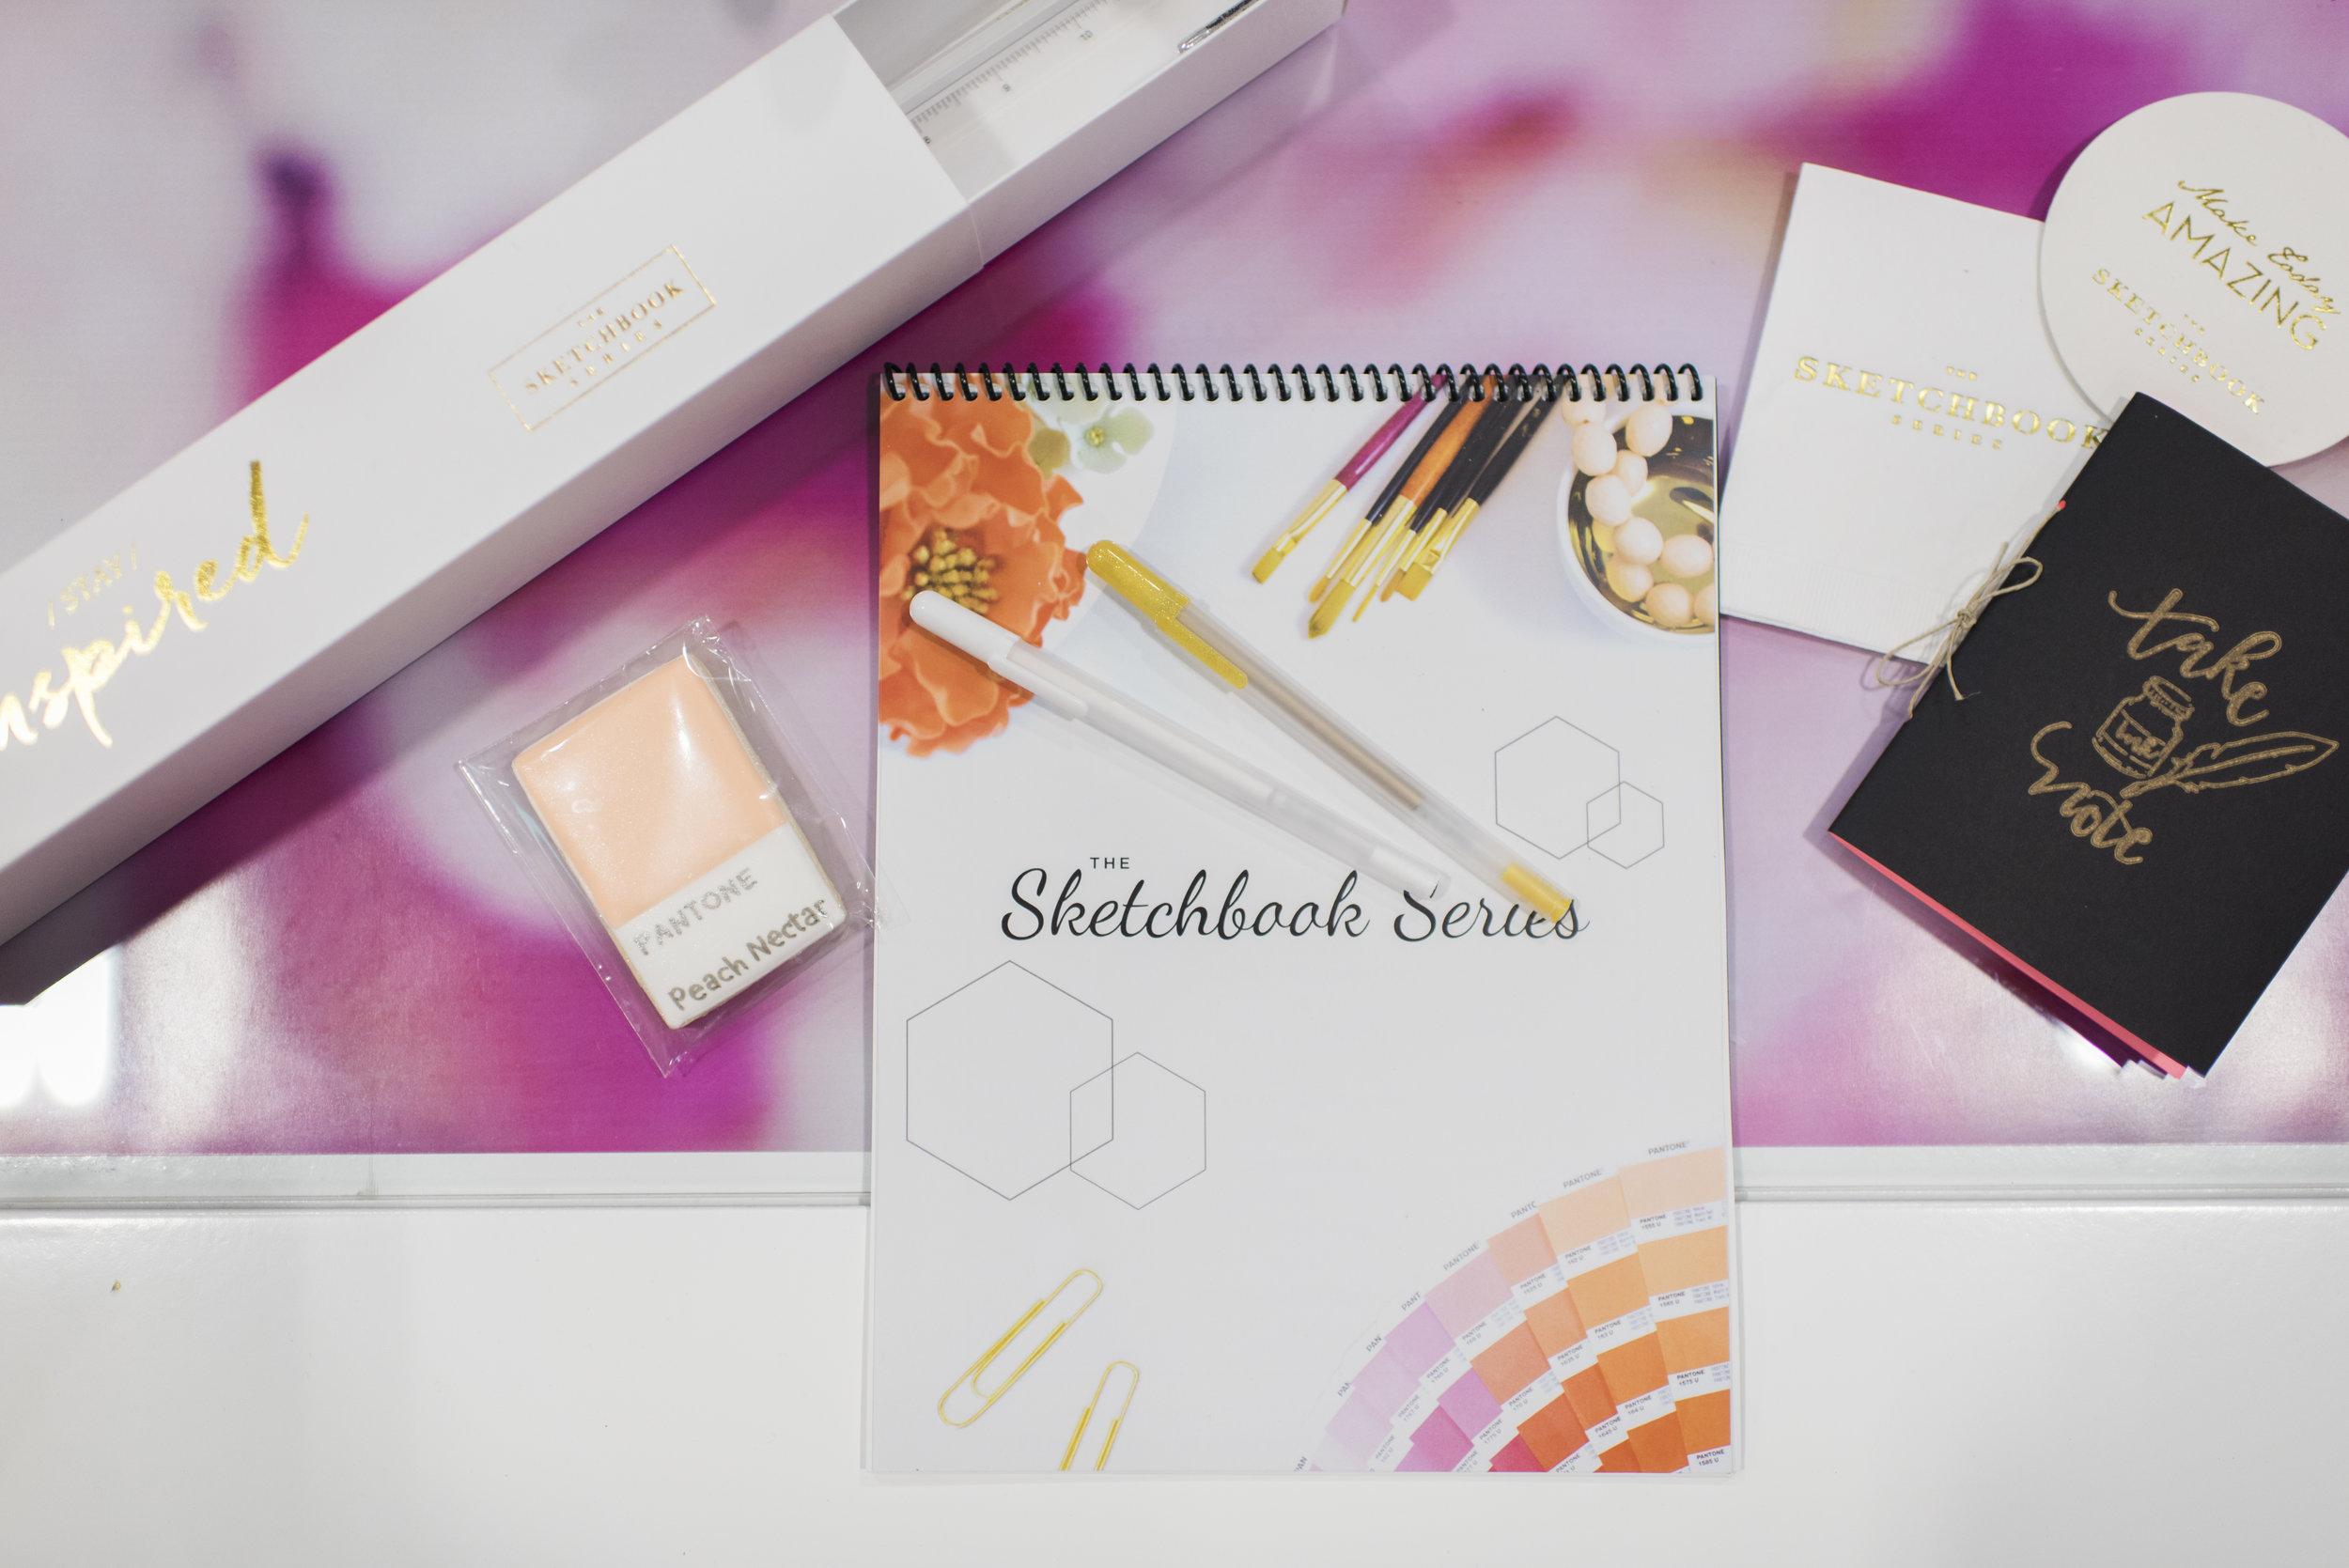 SketchbookSeries-264.jpg